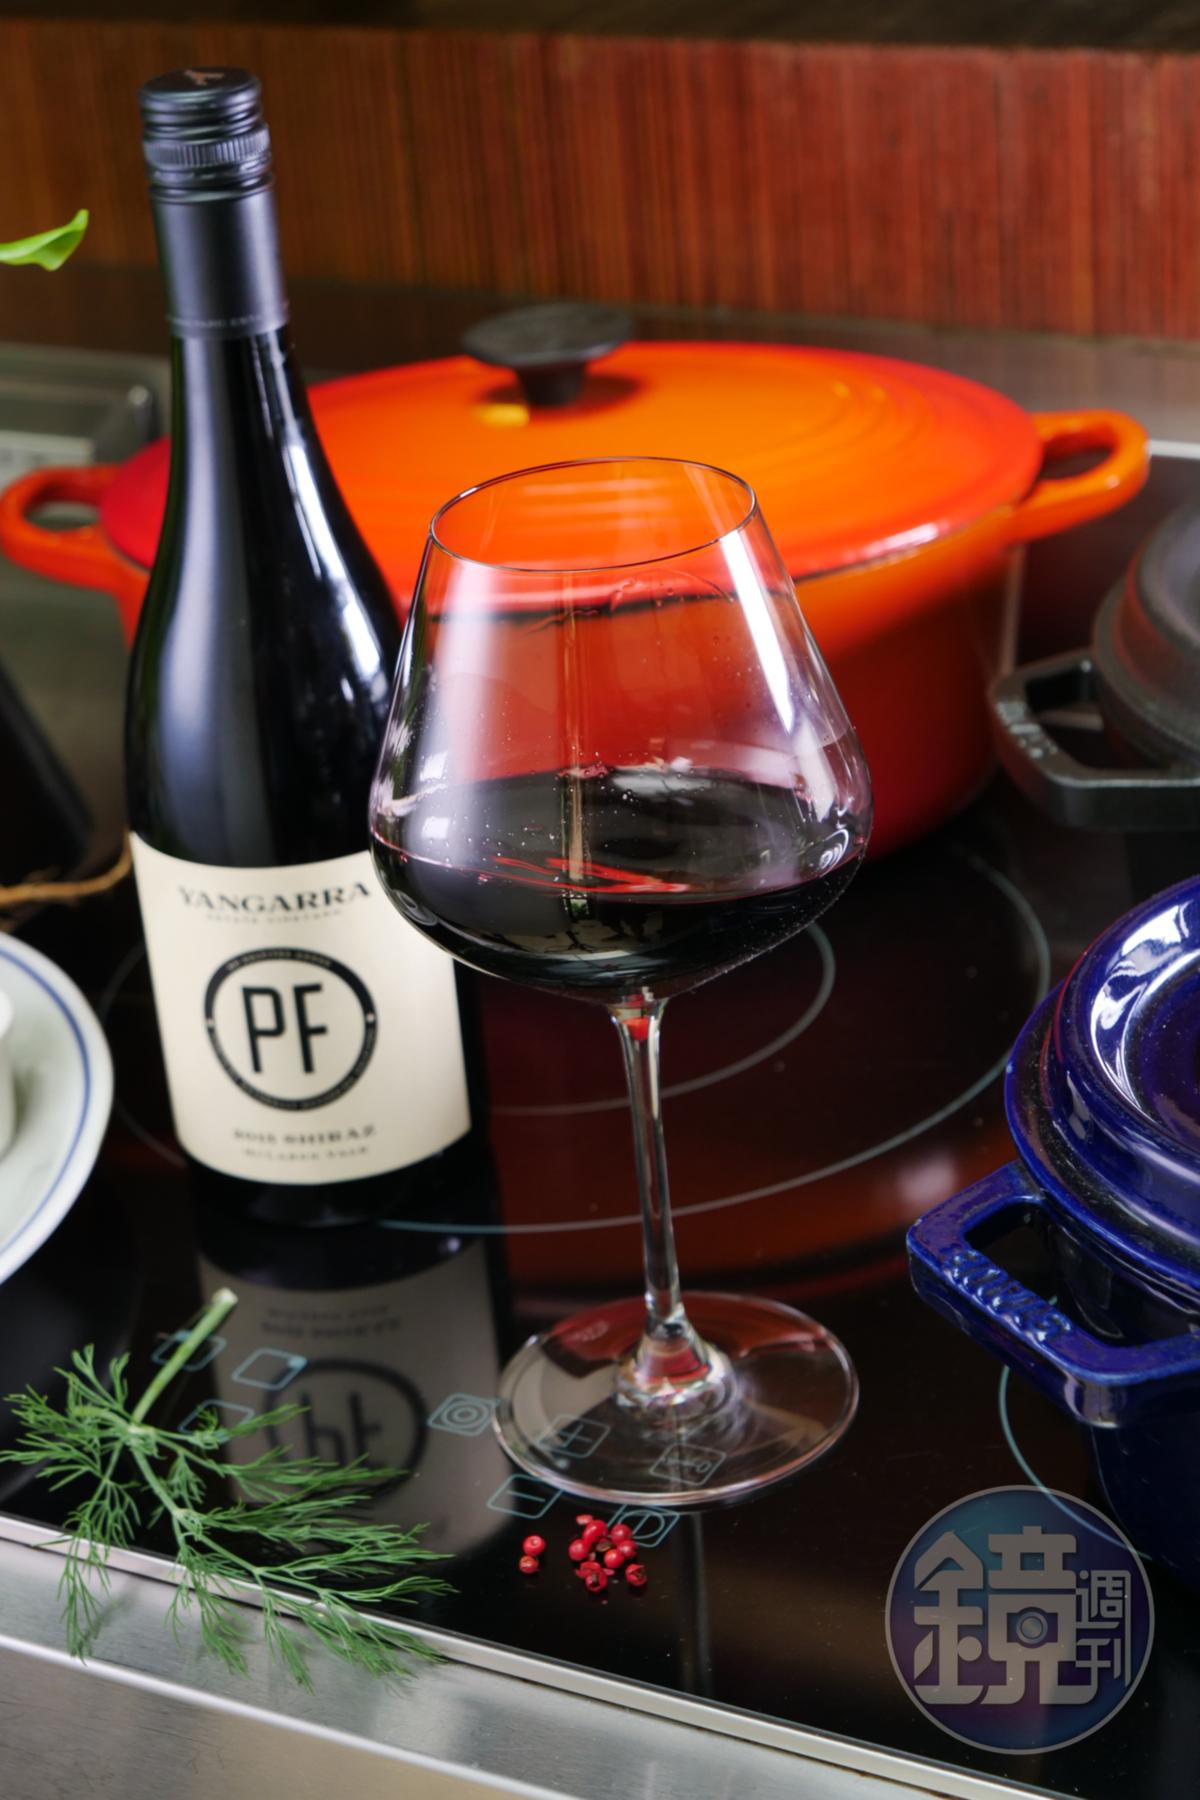 酒體濃郁的「McLaren Vale PF Shiraz 2015, YANGARRA」帶有胡椒、香料及煙燻味,經過濾裝瓶,口感柔順。(紅久國際,1,100元/瓶)